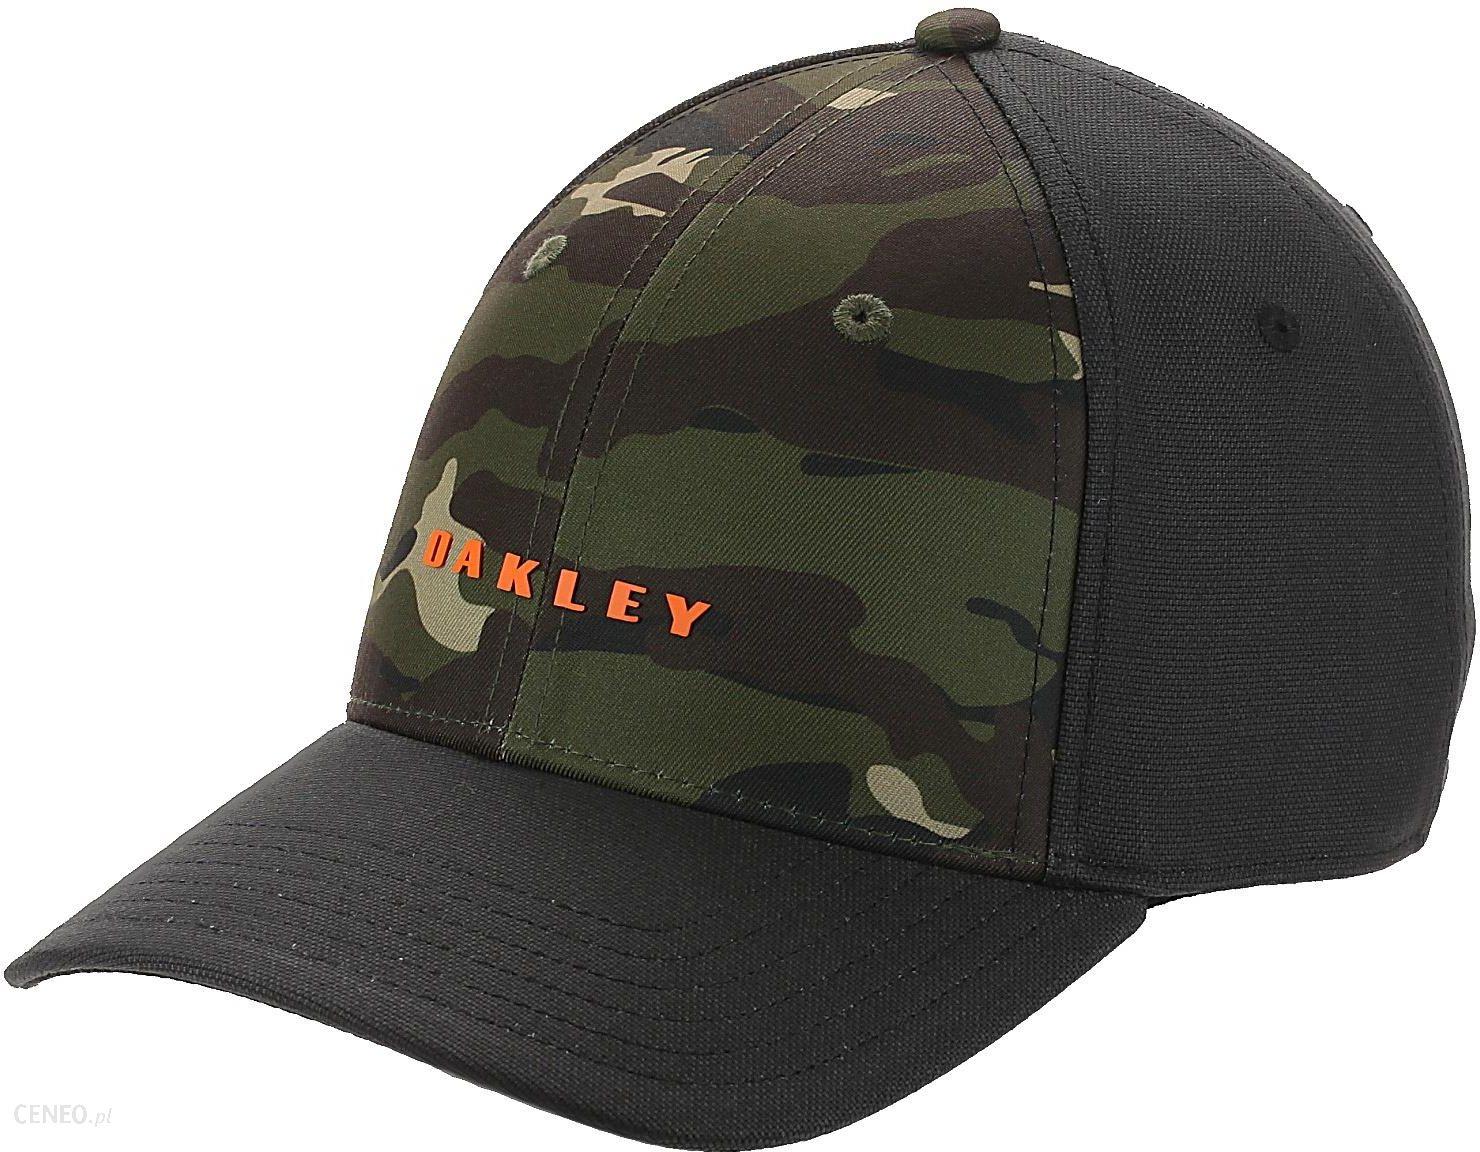 0dda57fdcf9d8c czapka z daszkiem Oakley 6 Panel Camou + Solid - Blackout L/XL - zdjęcie